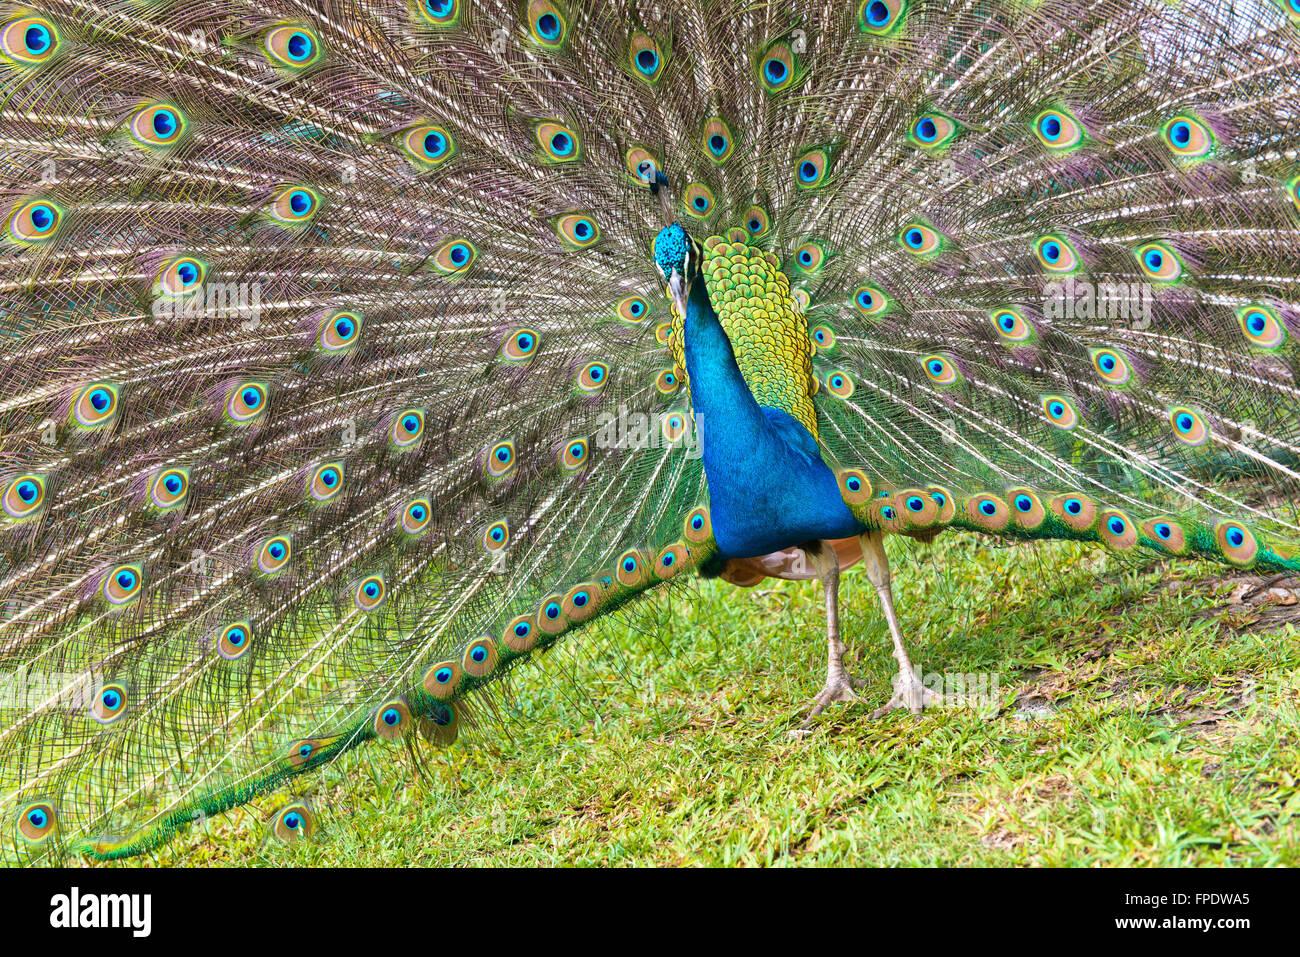 Wide Eye-Spotted schönen Tail Federn von Pfauen Vogel auf der Grassy Land hautnah. Stockbild